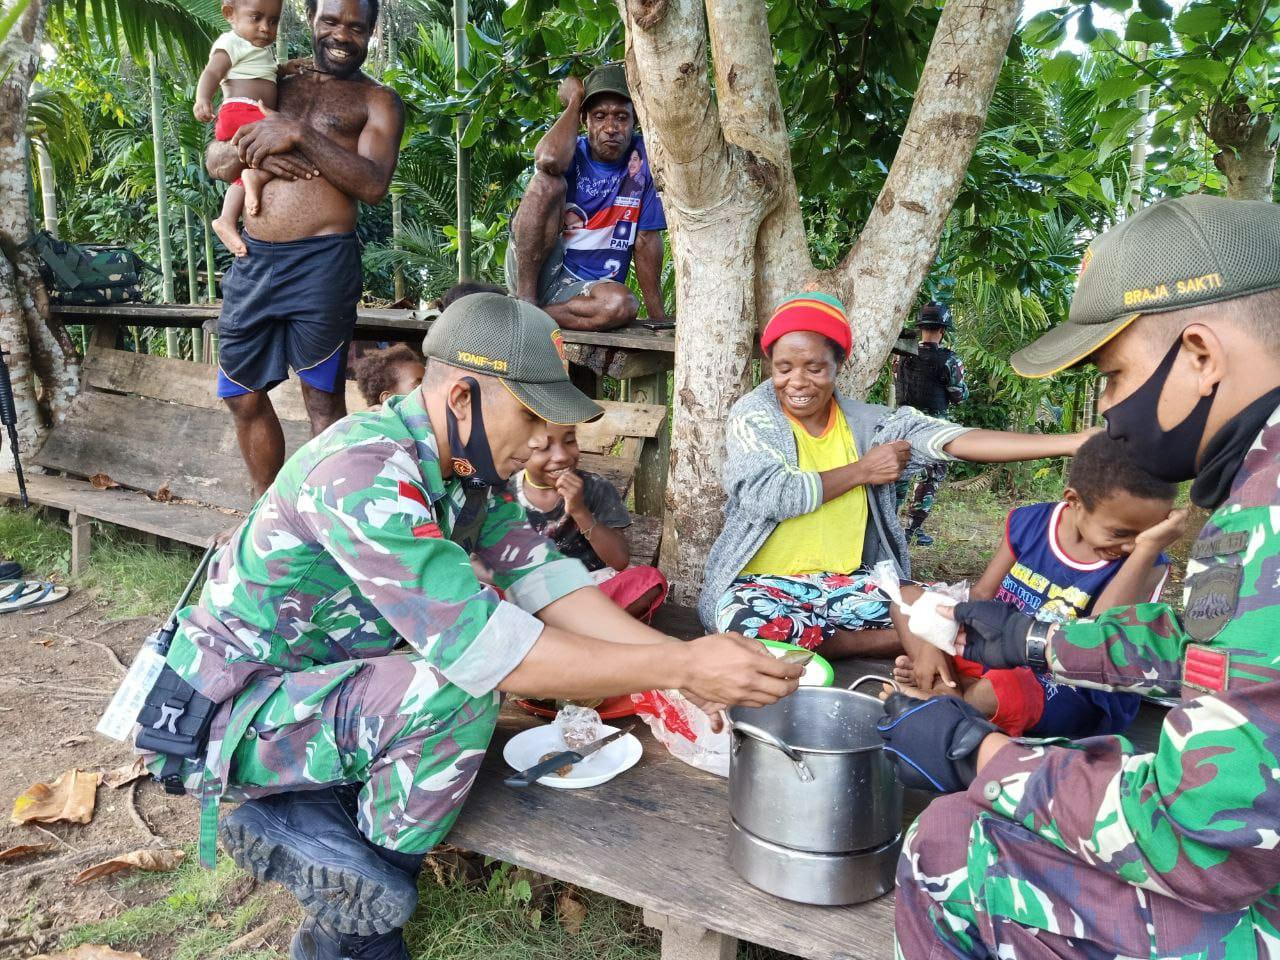 Dukung Pelaku UMKM, Prajurit TNI Ajarkan Emak-emak Cara Membuat Kue Tradisional